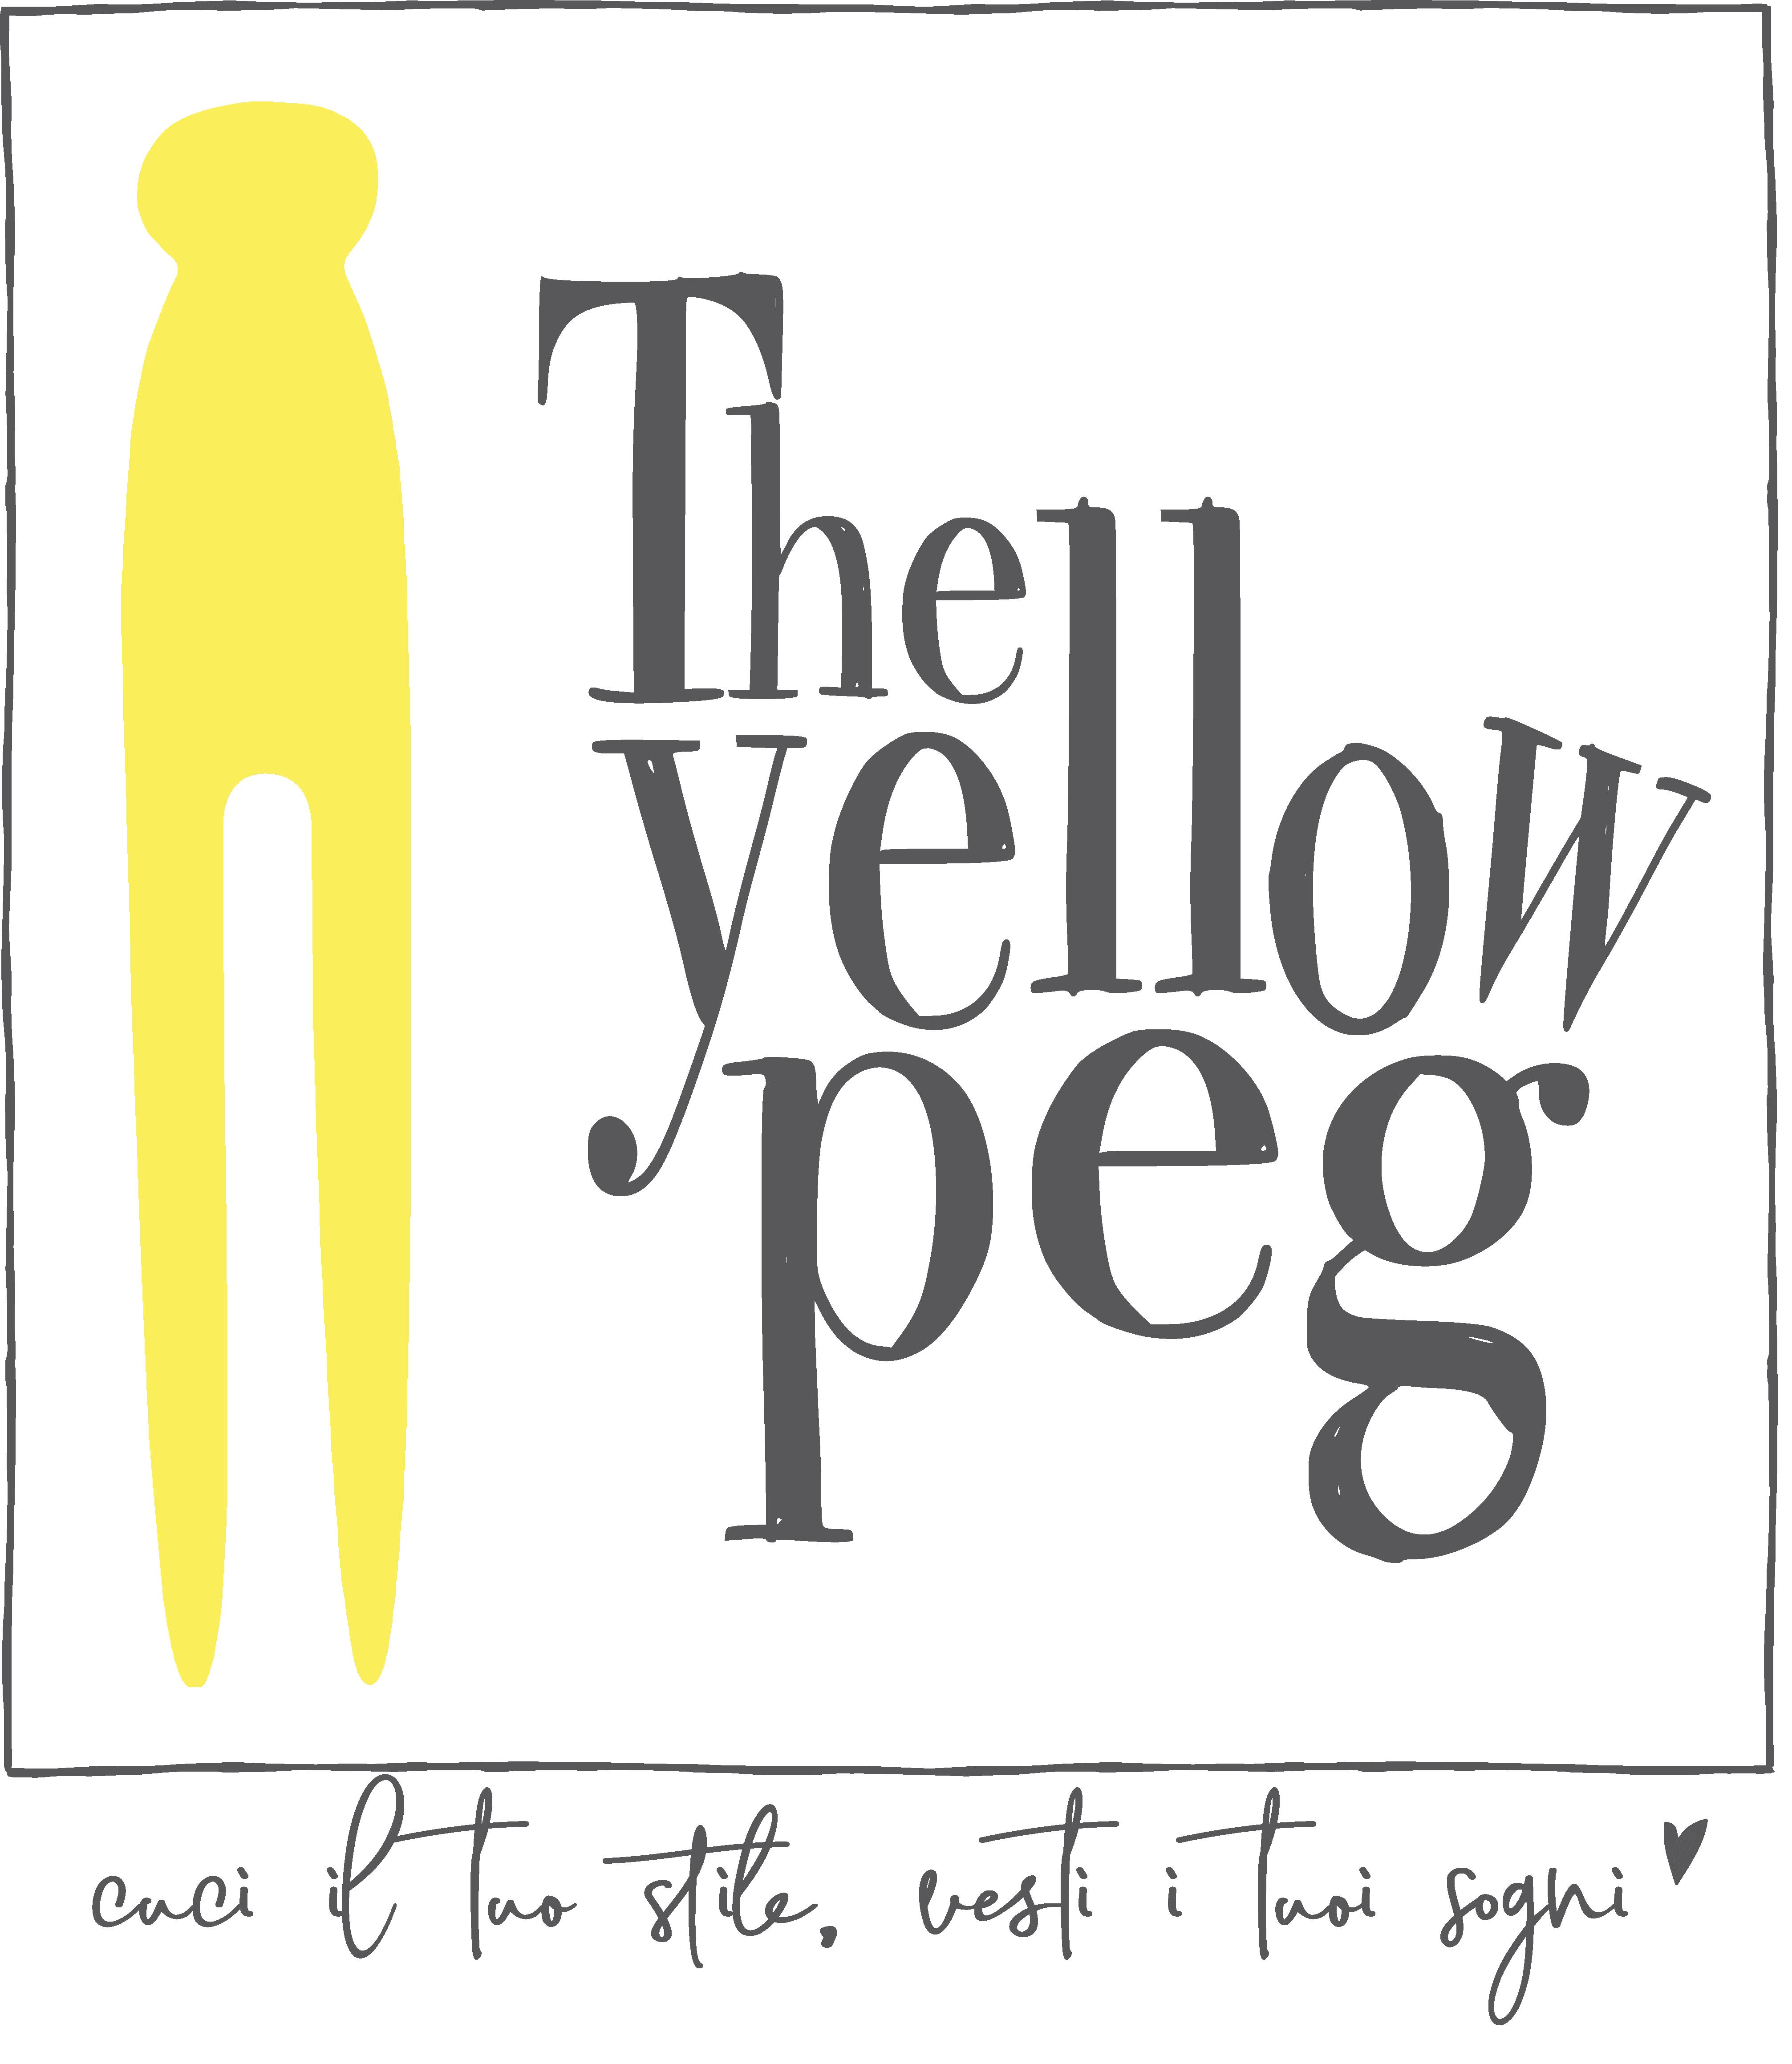 Corsi di cucito The Yellow Peg